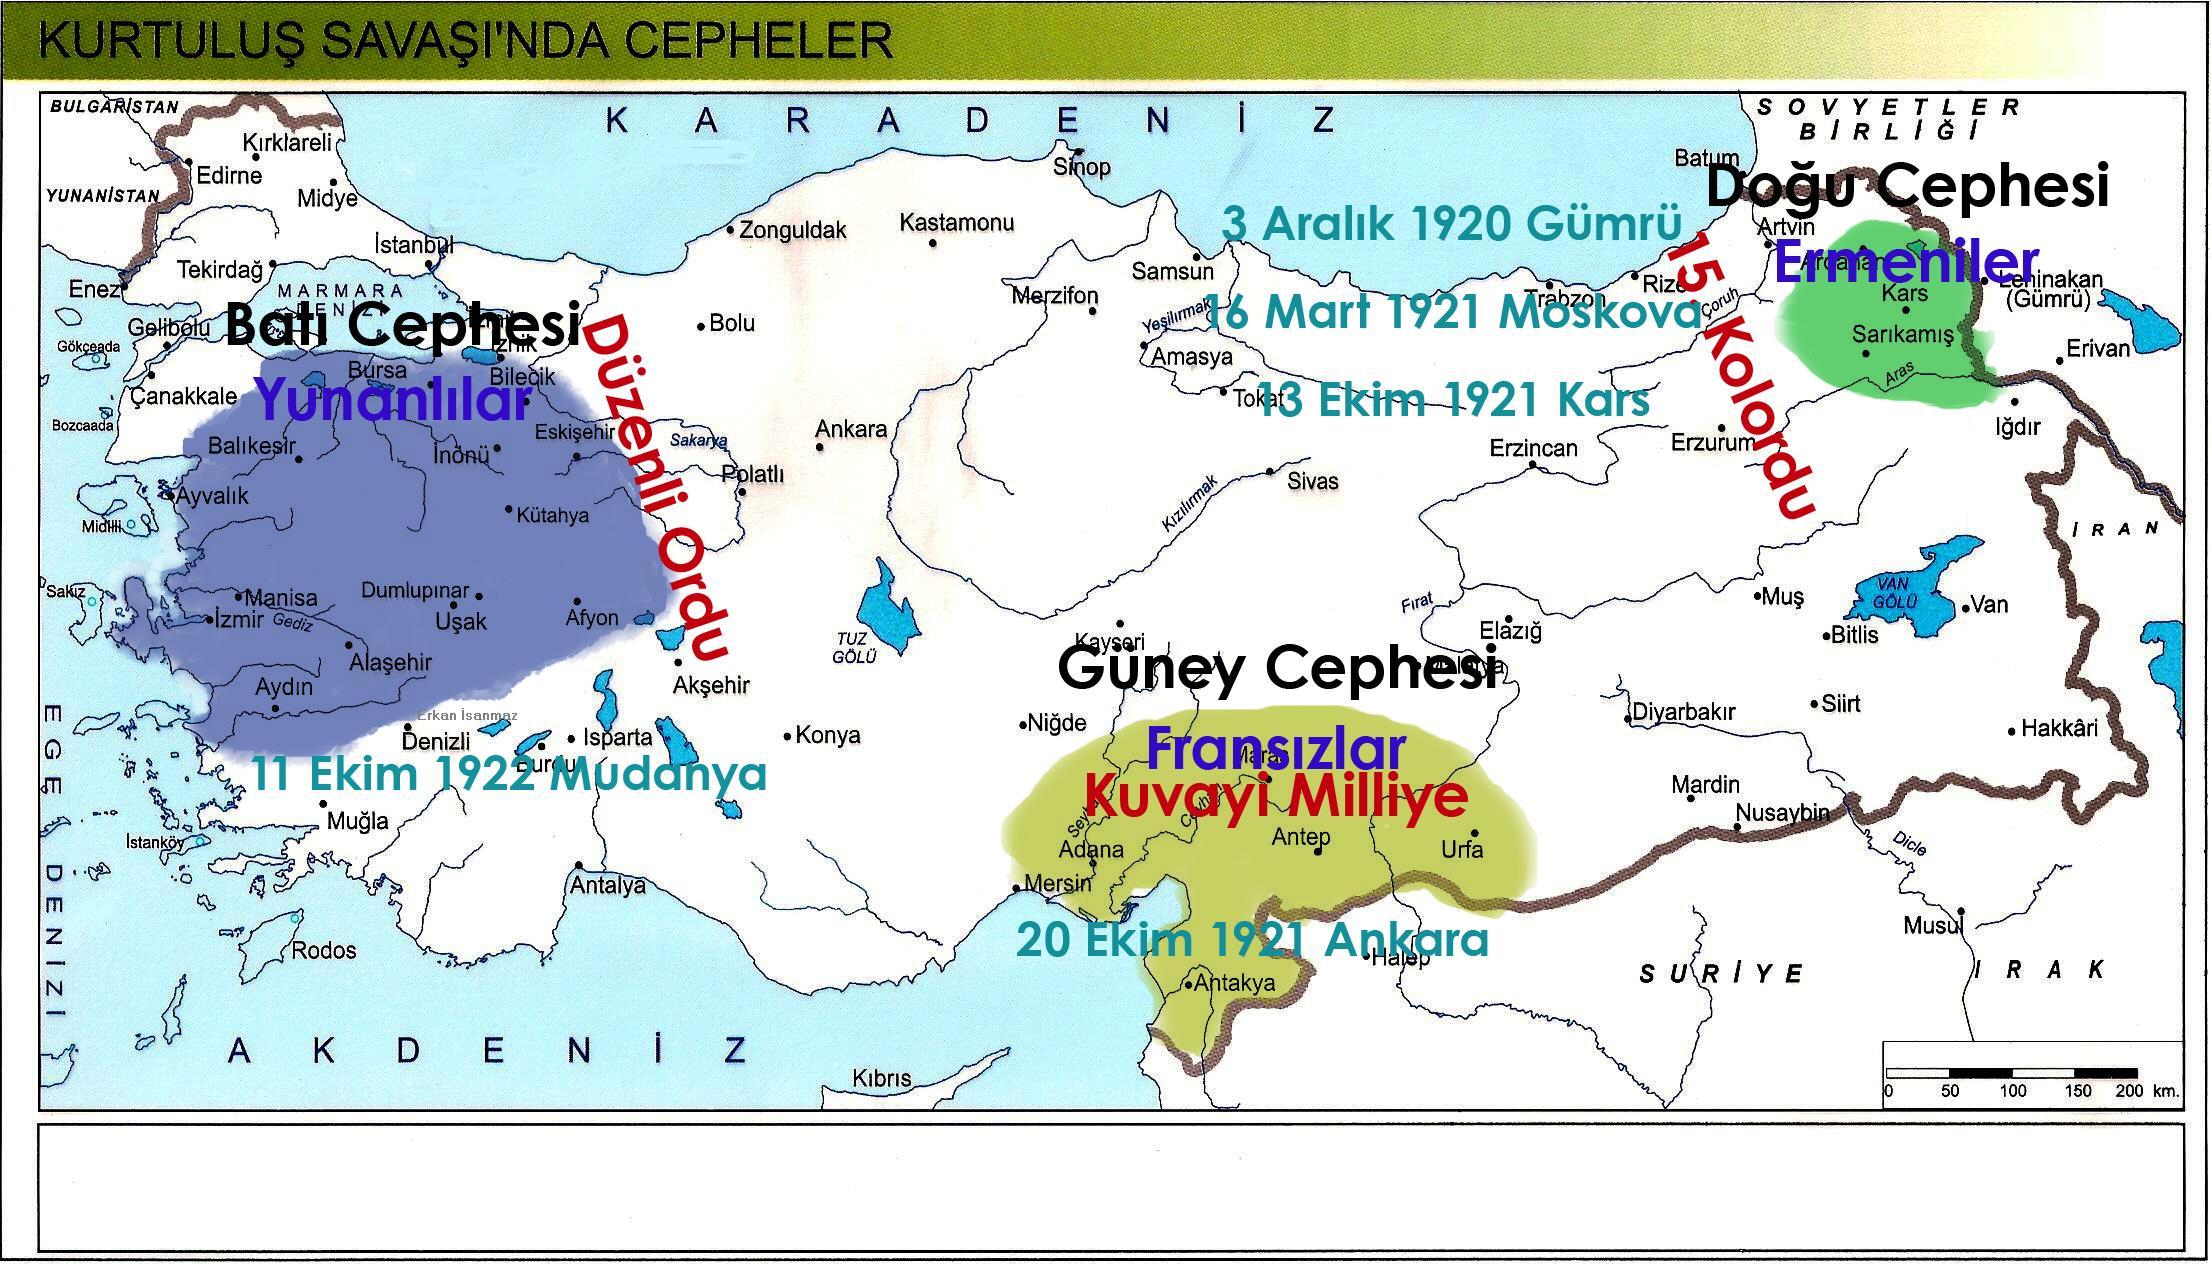 Kurtuluş Savaşı Cepheleri.jpg